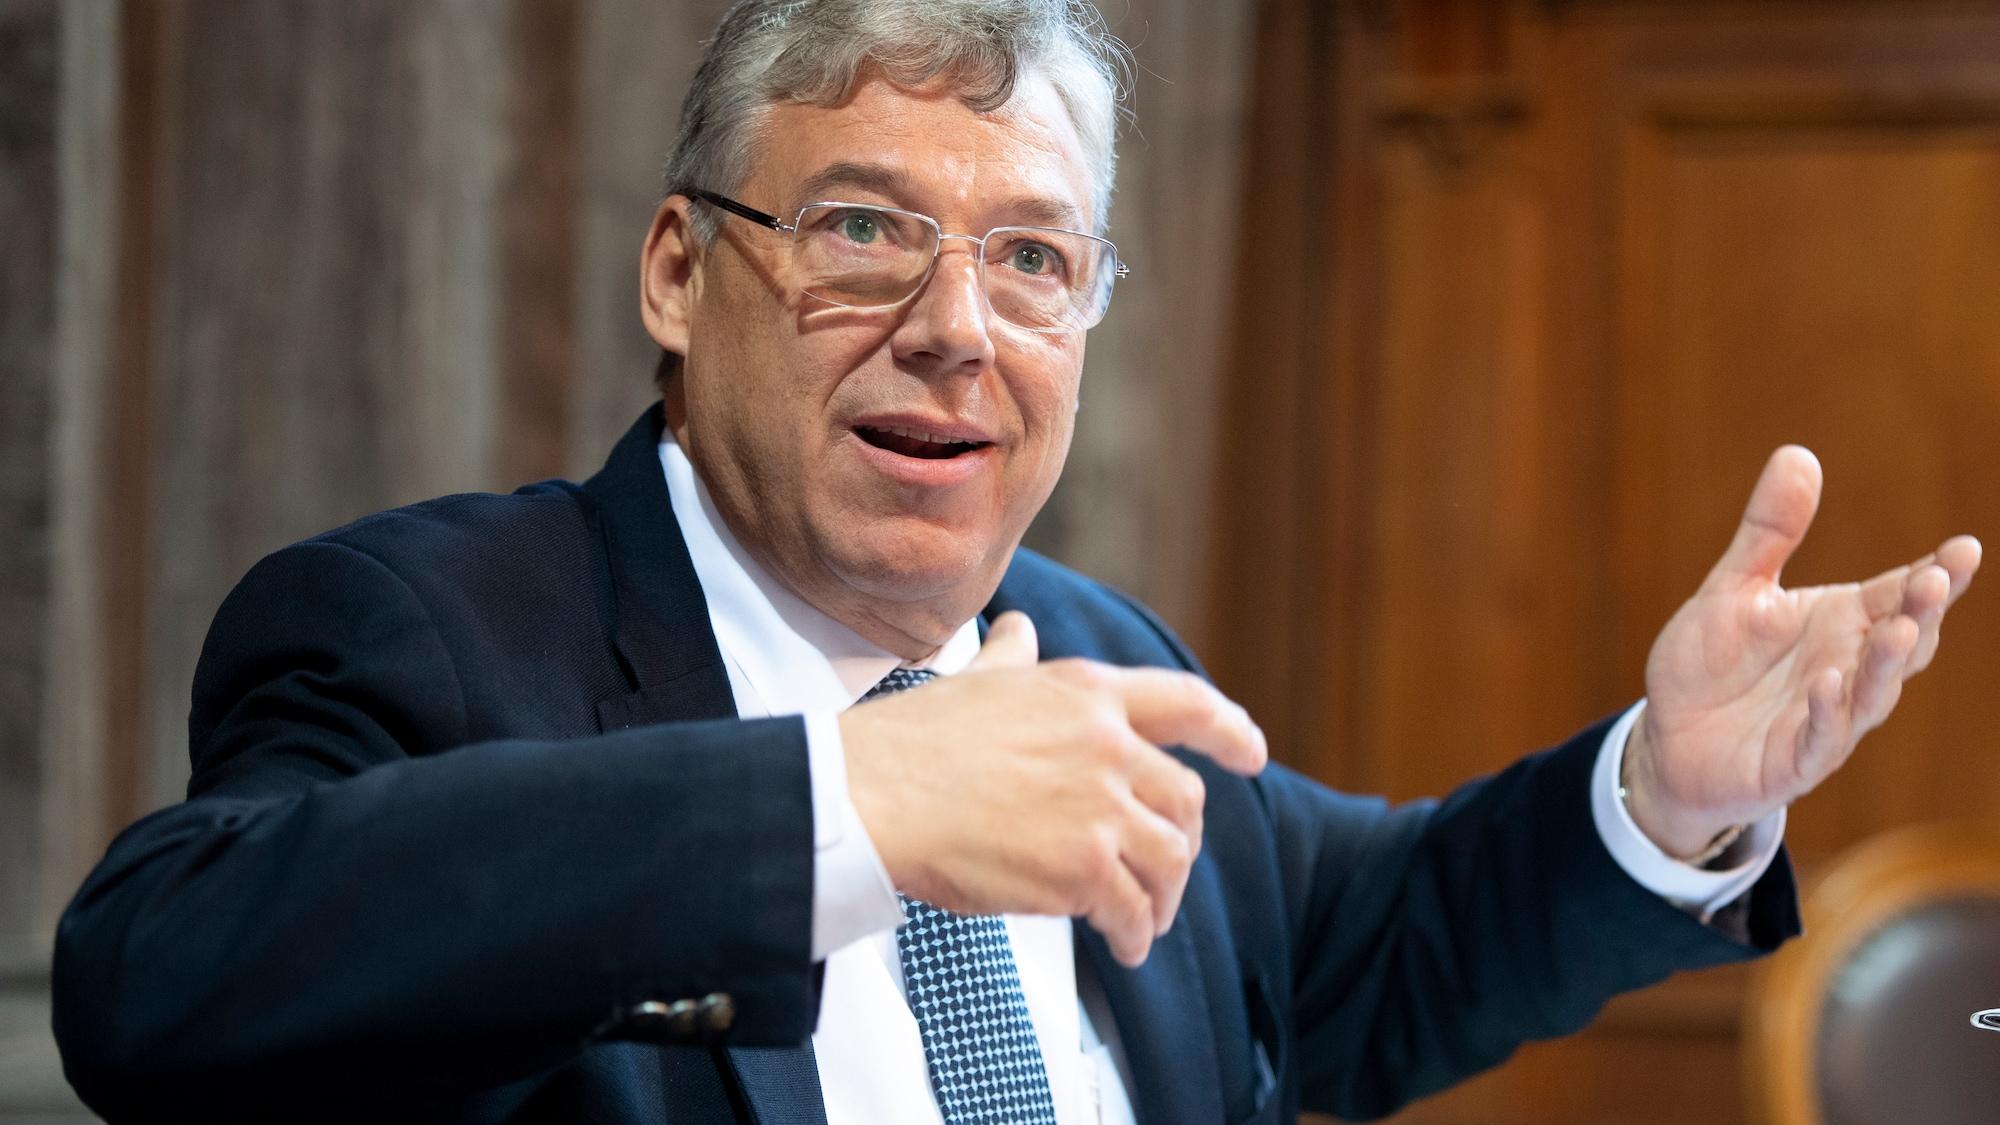 Weil Auslandschweizer nicht mitmachen konnten: Lombardi-Abwahl kommt wohl vor Bundesgericht